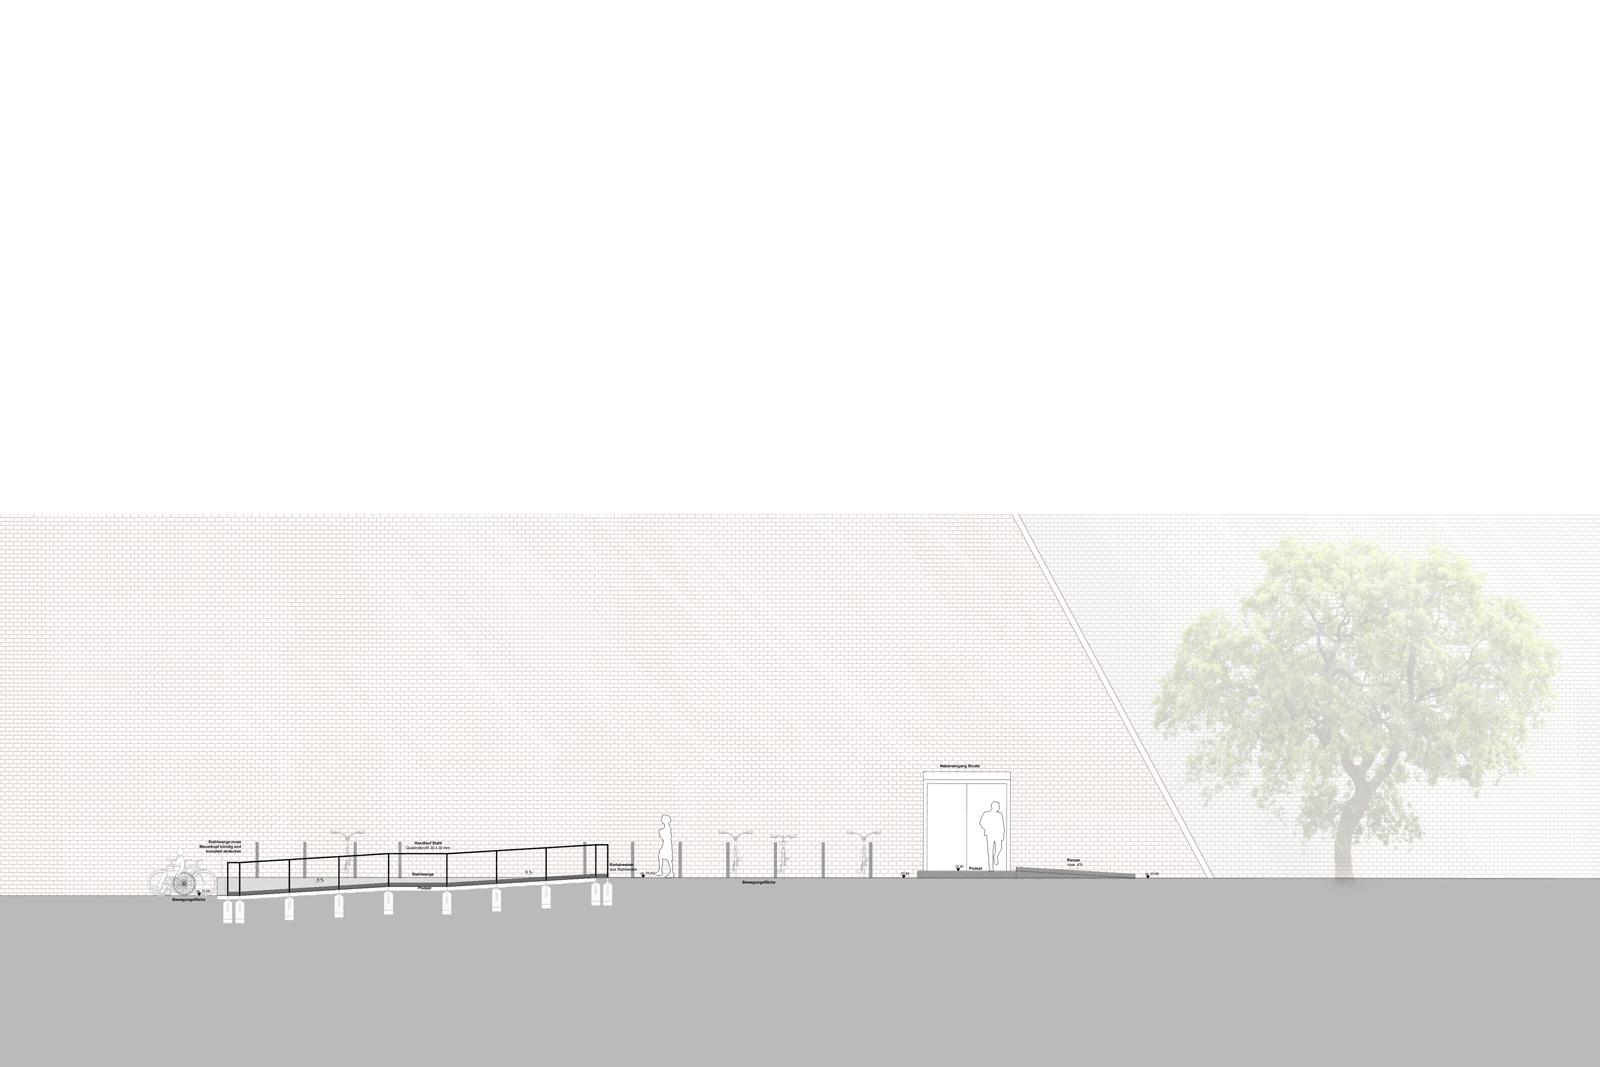 vorplatz-akademie-der-kuenste-berlin-hanseatenweg-eingang-aussenanlagen-armbruster-gruenanlage-vorplatz-Rampe-Schnitt